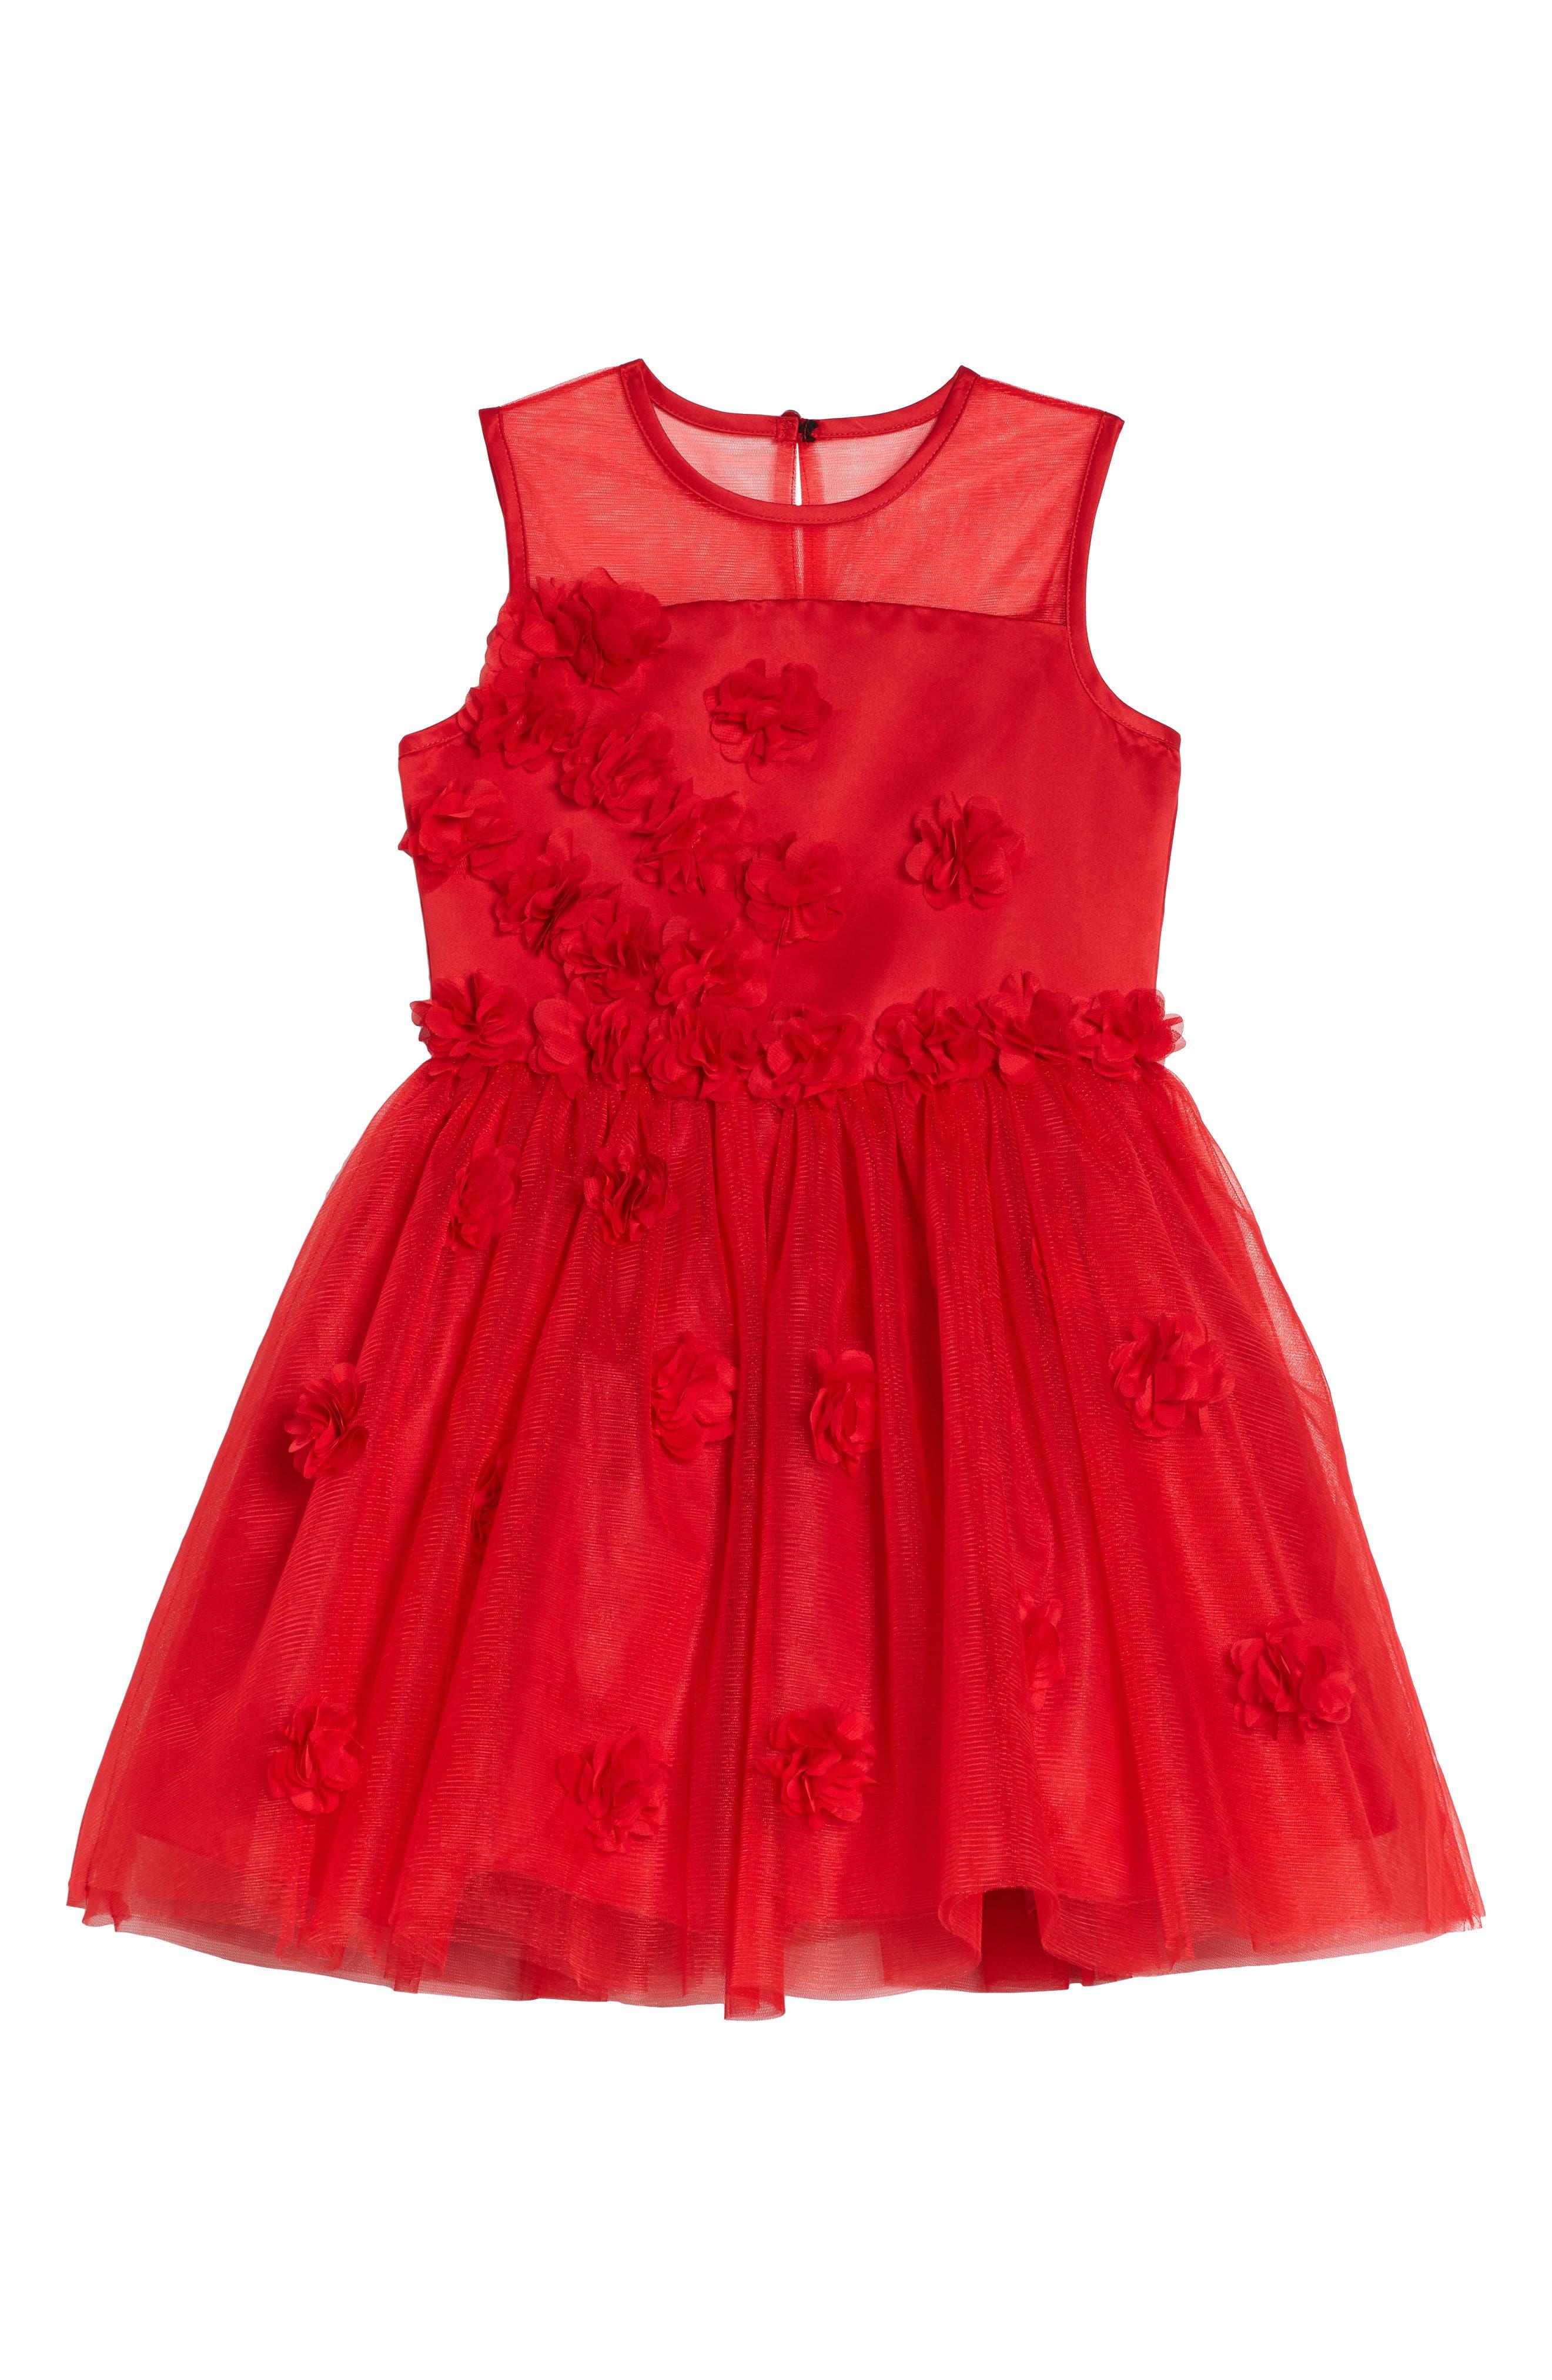 Main Image - Nanette Lepore Floral Embellished Sleeveless Dress (Big Girls)